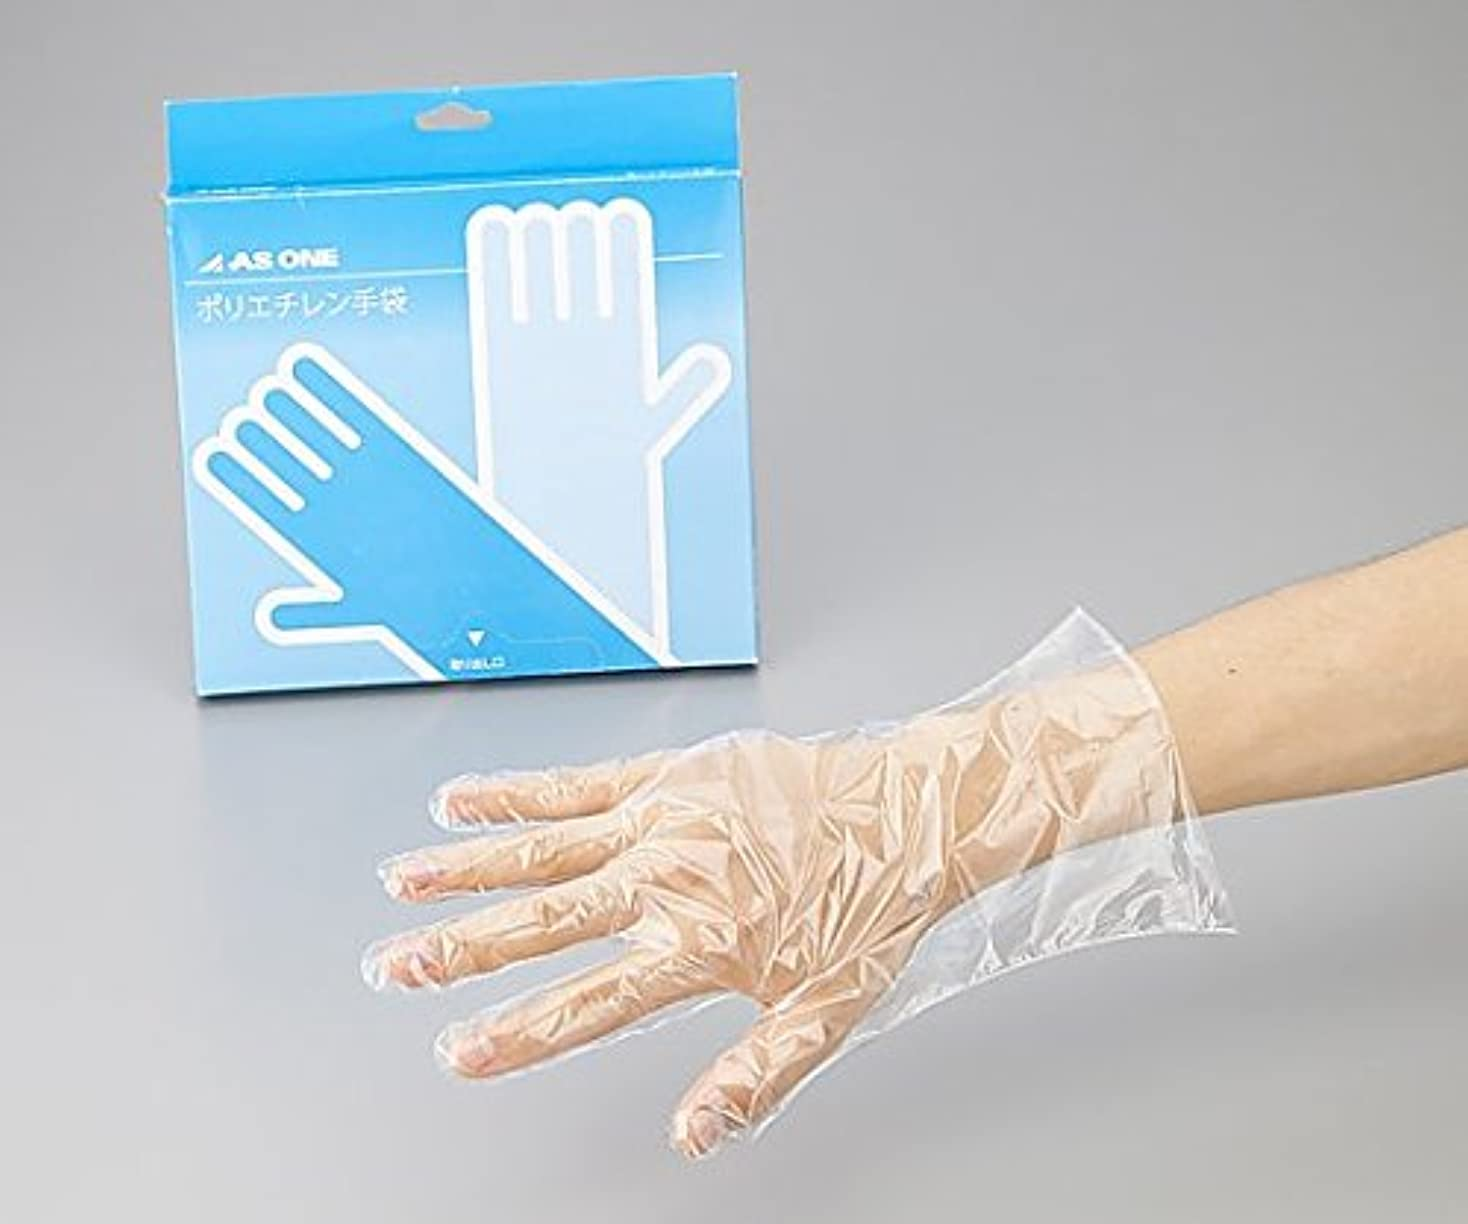 ガード正しい形アズワン2-4974-02ポリエチレン手袋ヘビー厚手M100枚入